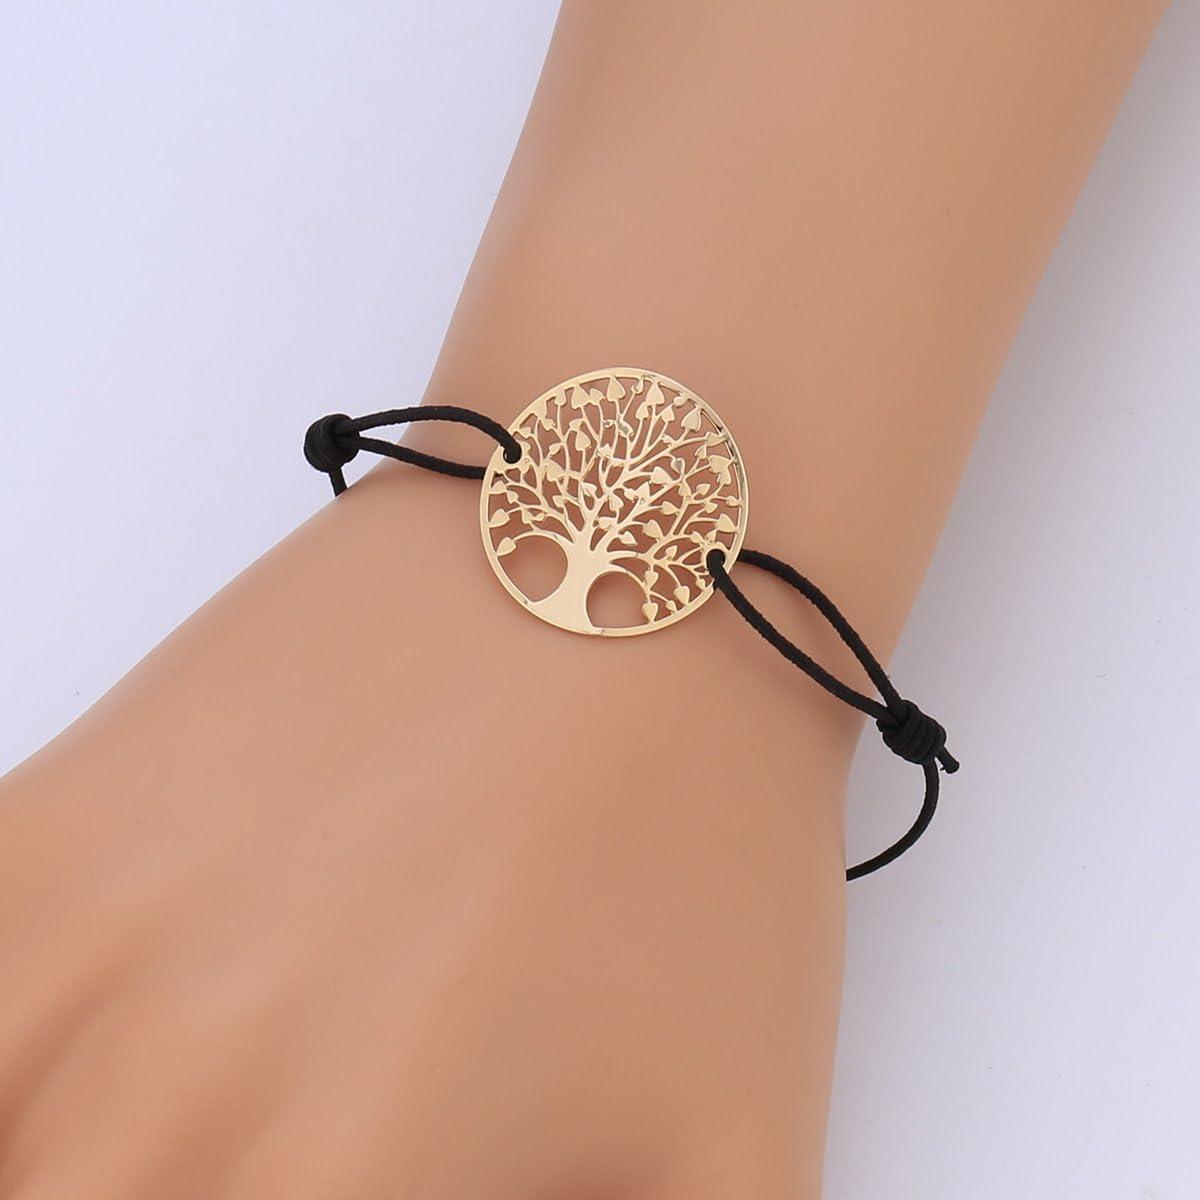 Bracelet Arbre de Vie pour Femme Bracelet Strand Charm Bracelet Manchette Amiti/é Bracelet Or Argent Fille